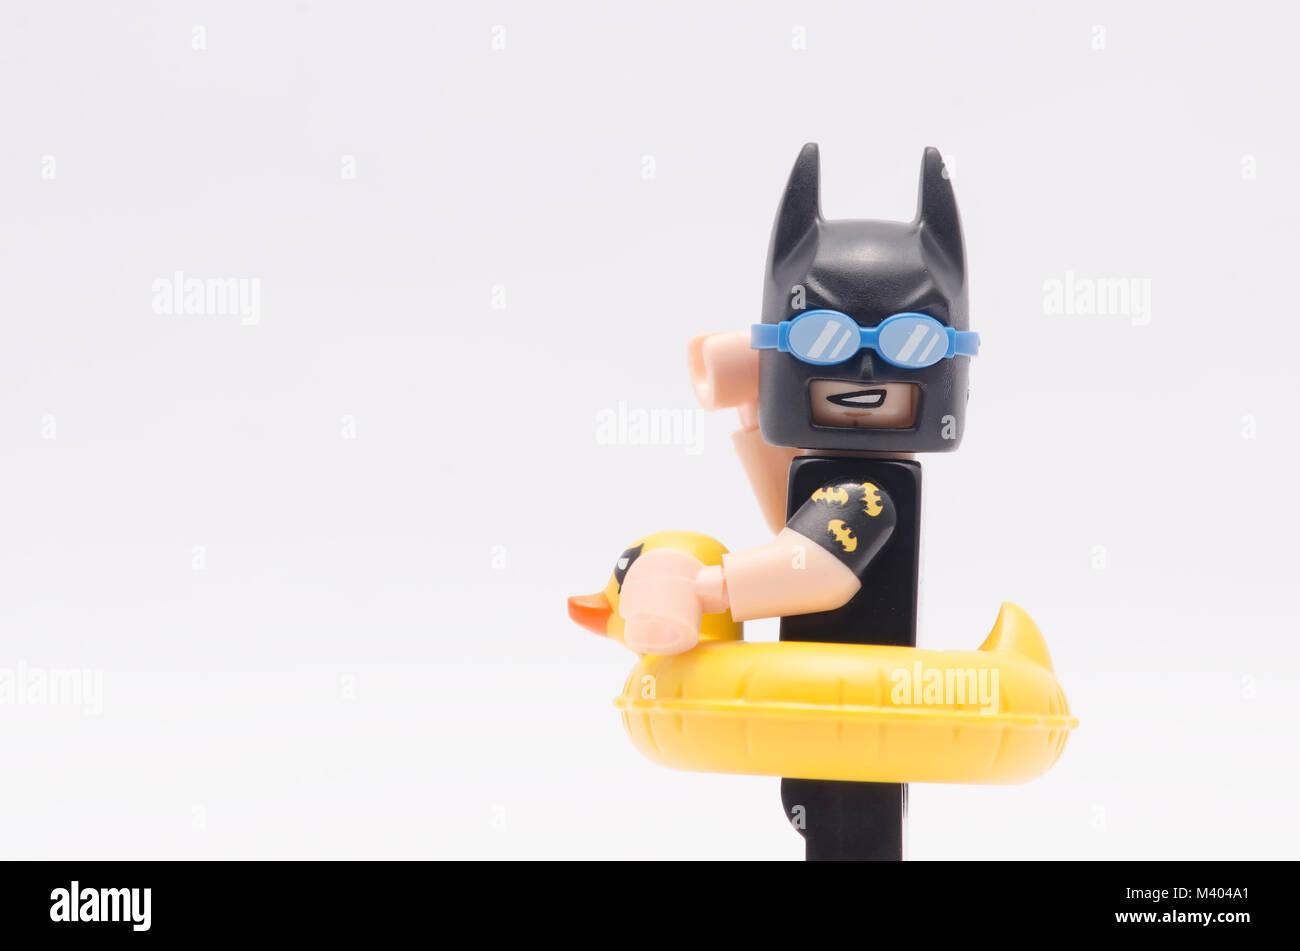 Close Up Lego Vacation Batman Isolated On White Background